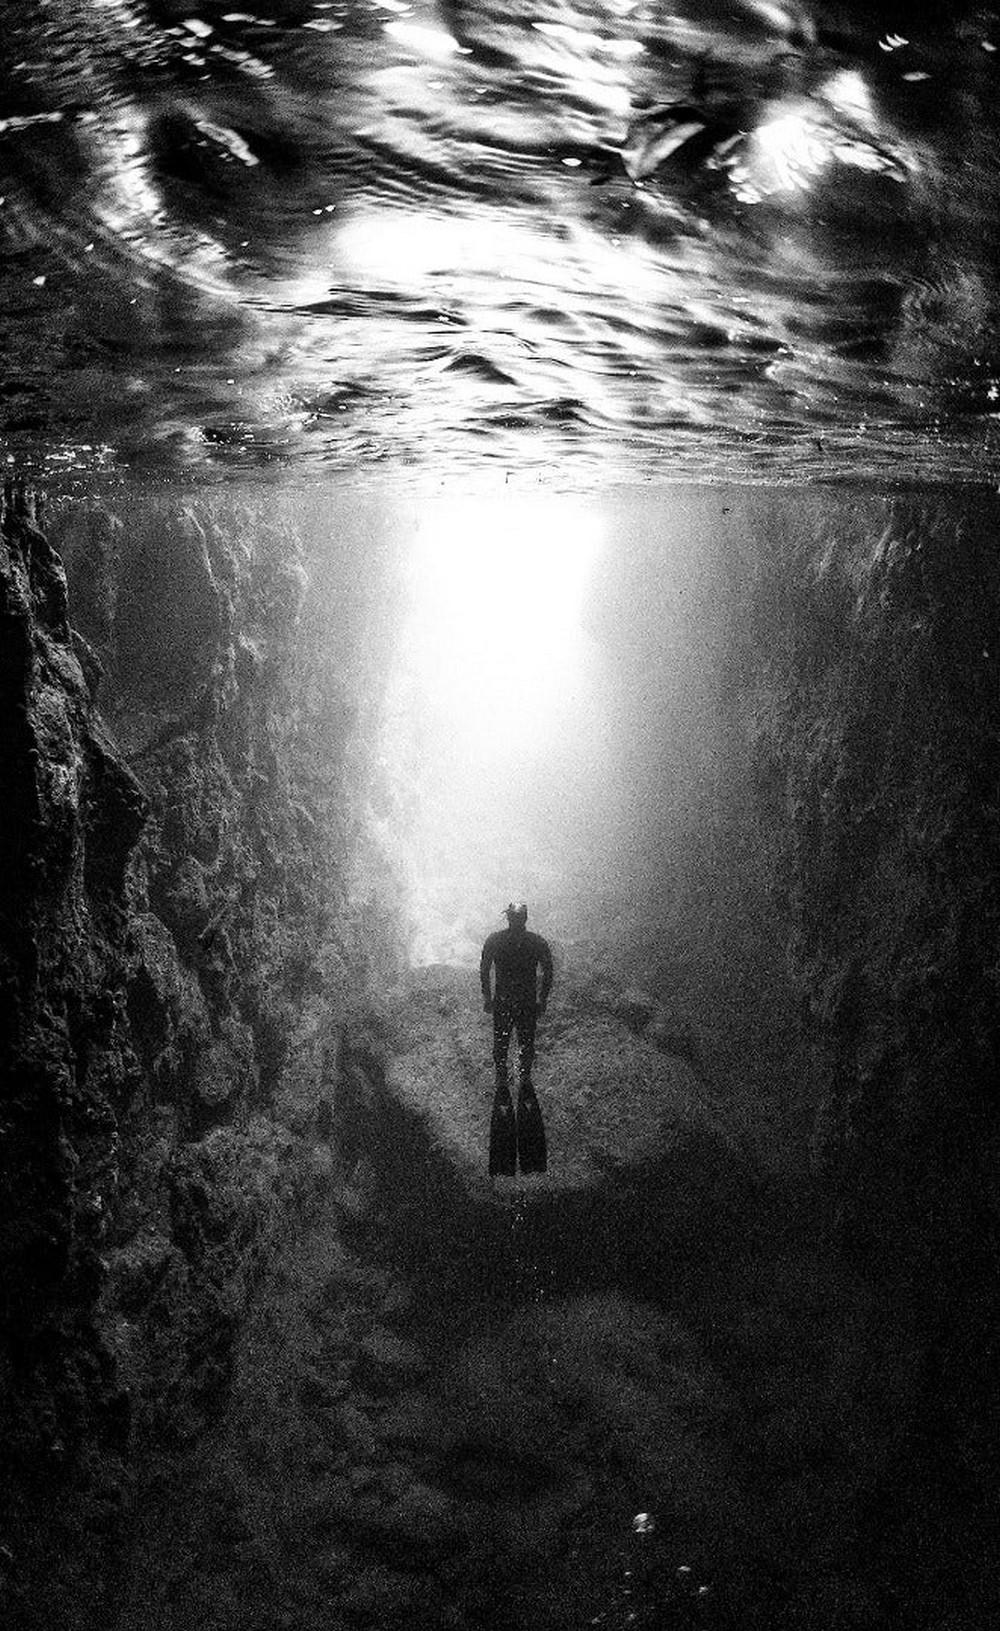 Mergulhando em direção à luz